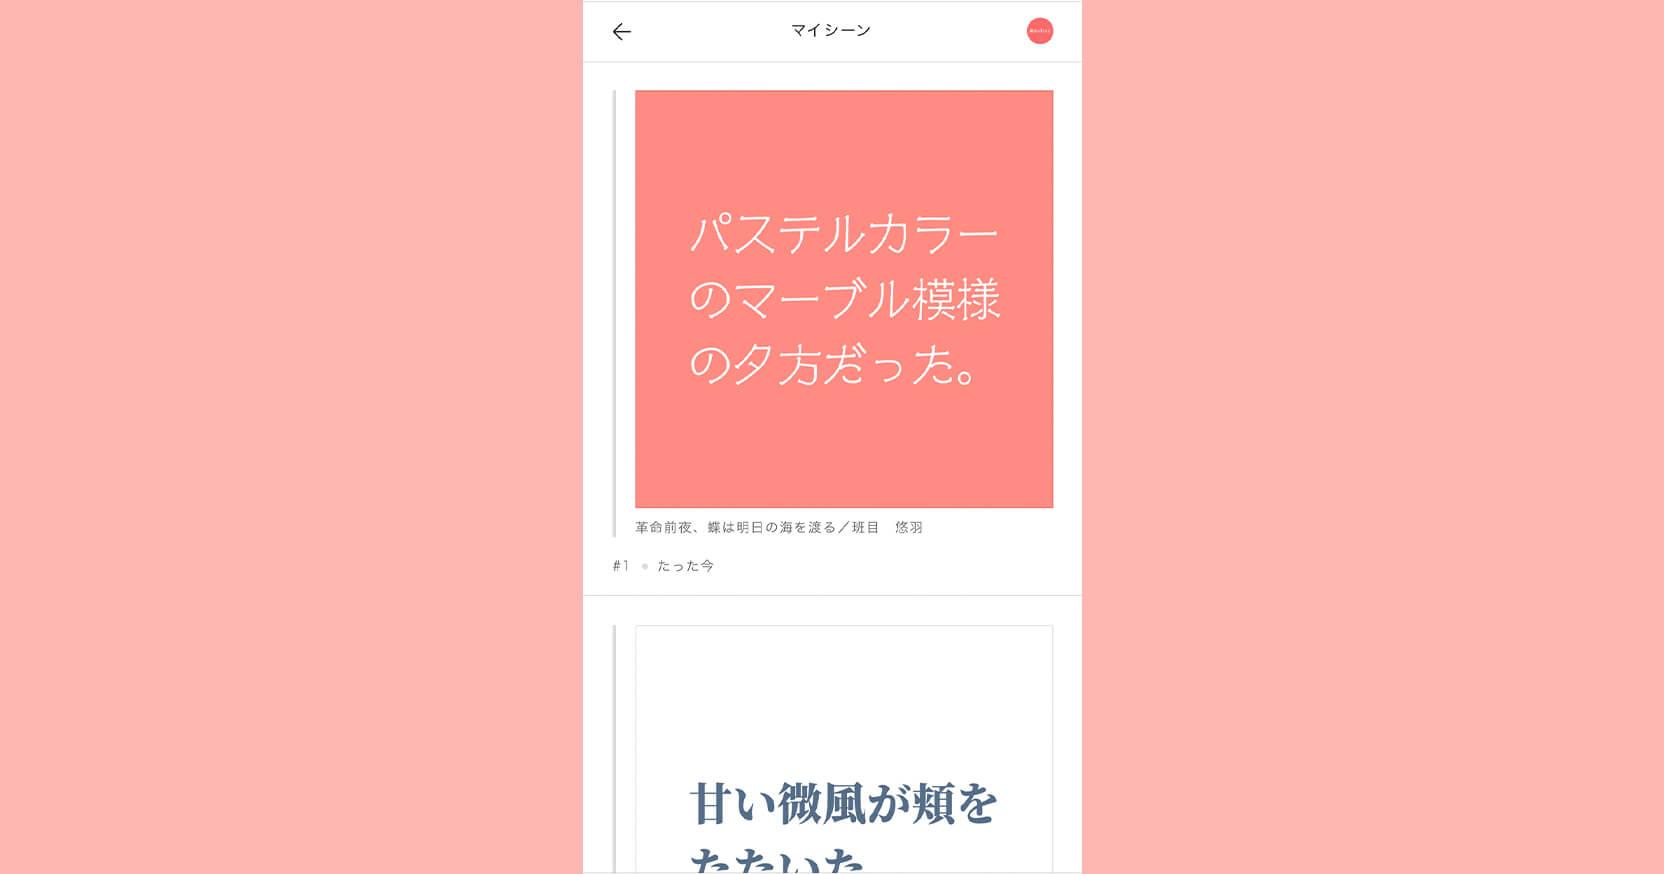 https://storage.googleapis.com/blog-info/entry/2021/03/scene_blog_ogp2_1.jpg